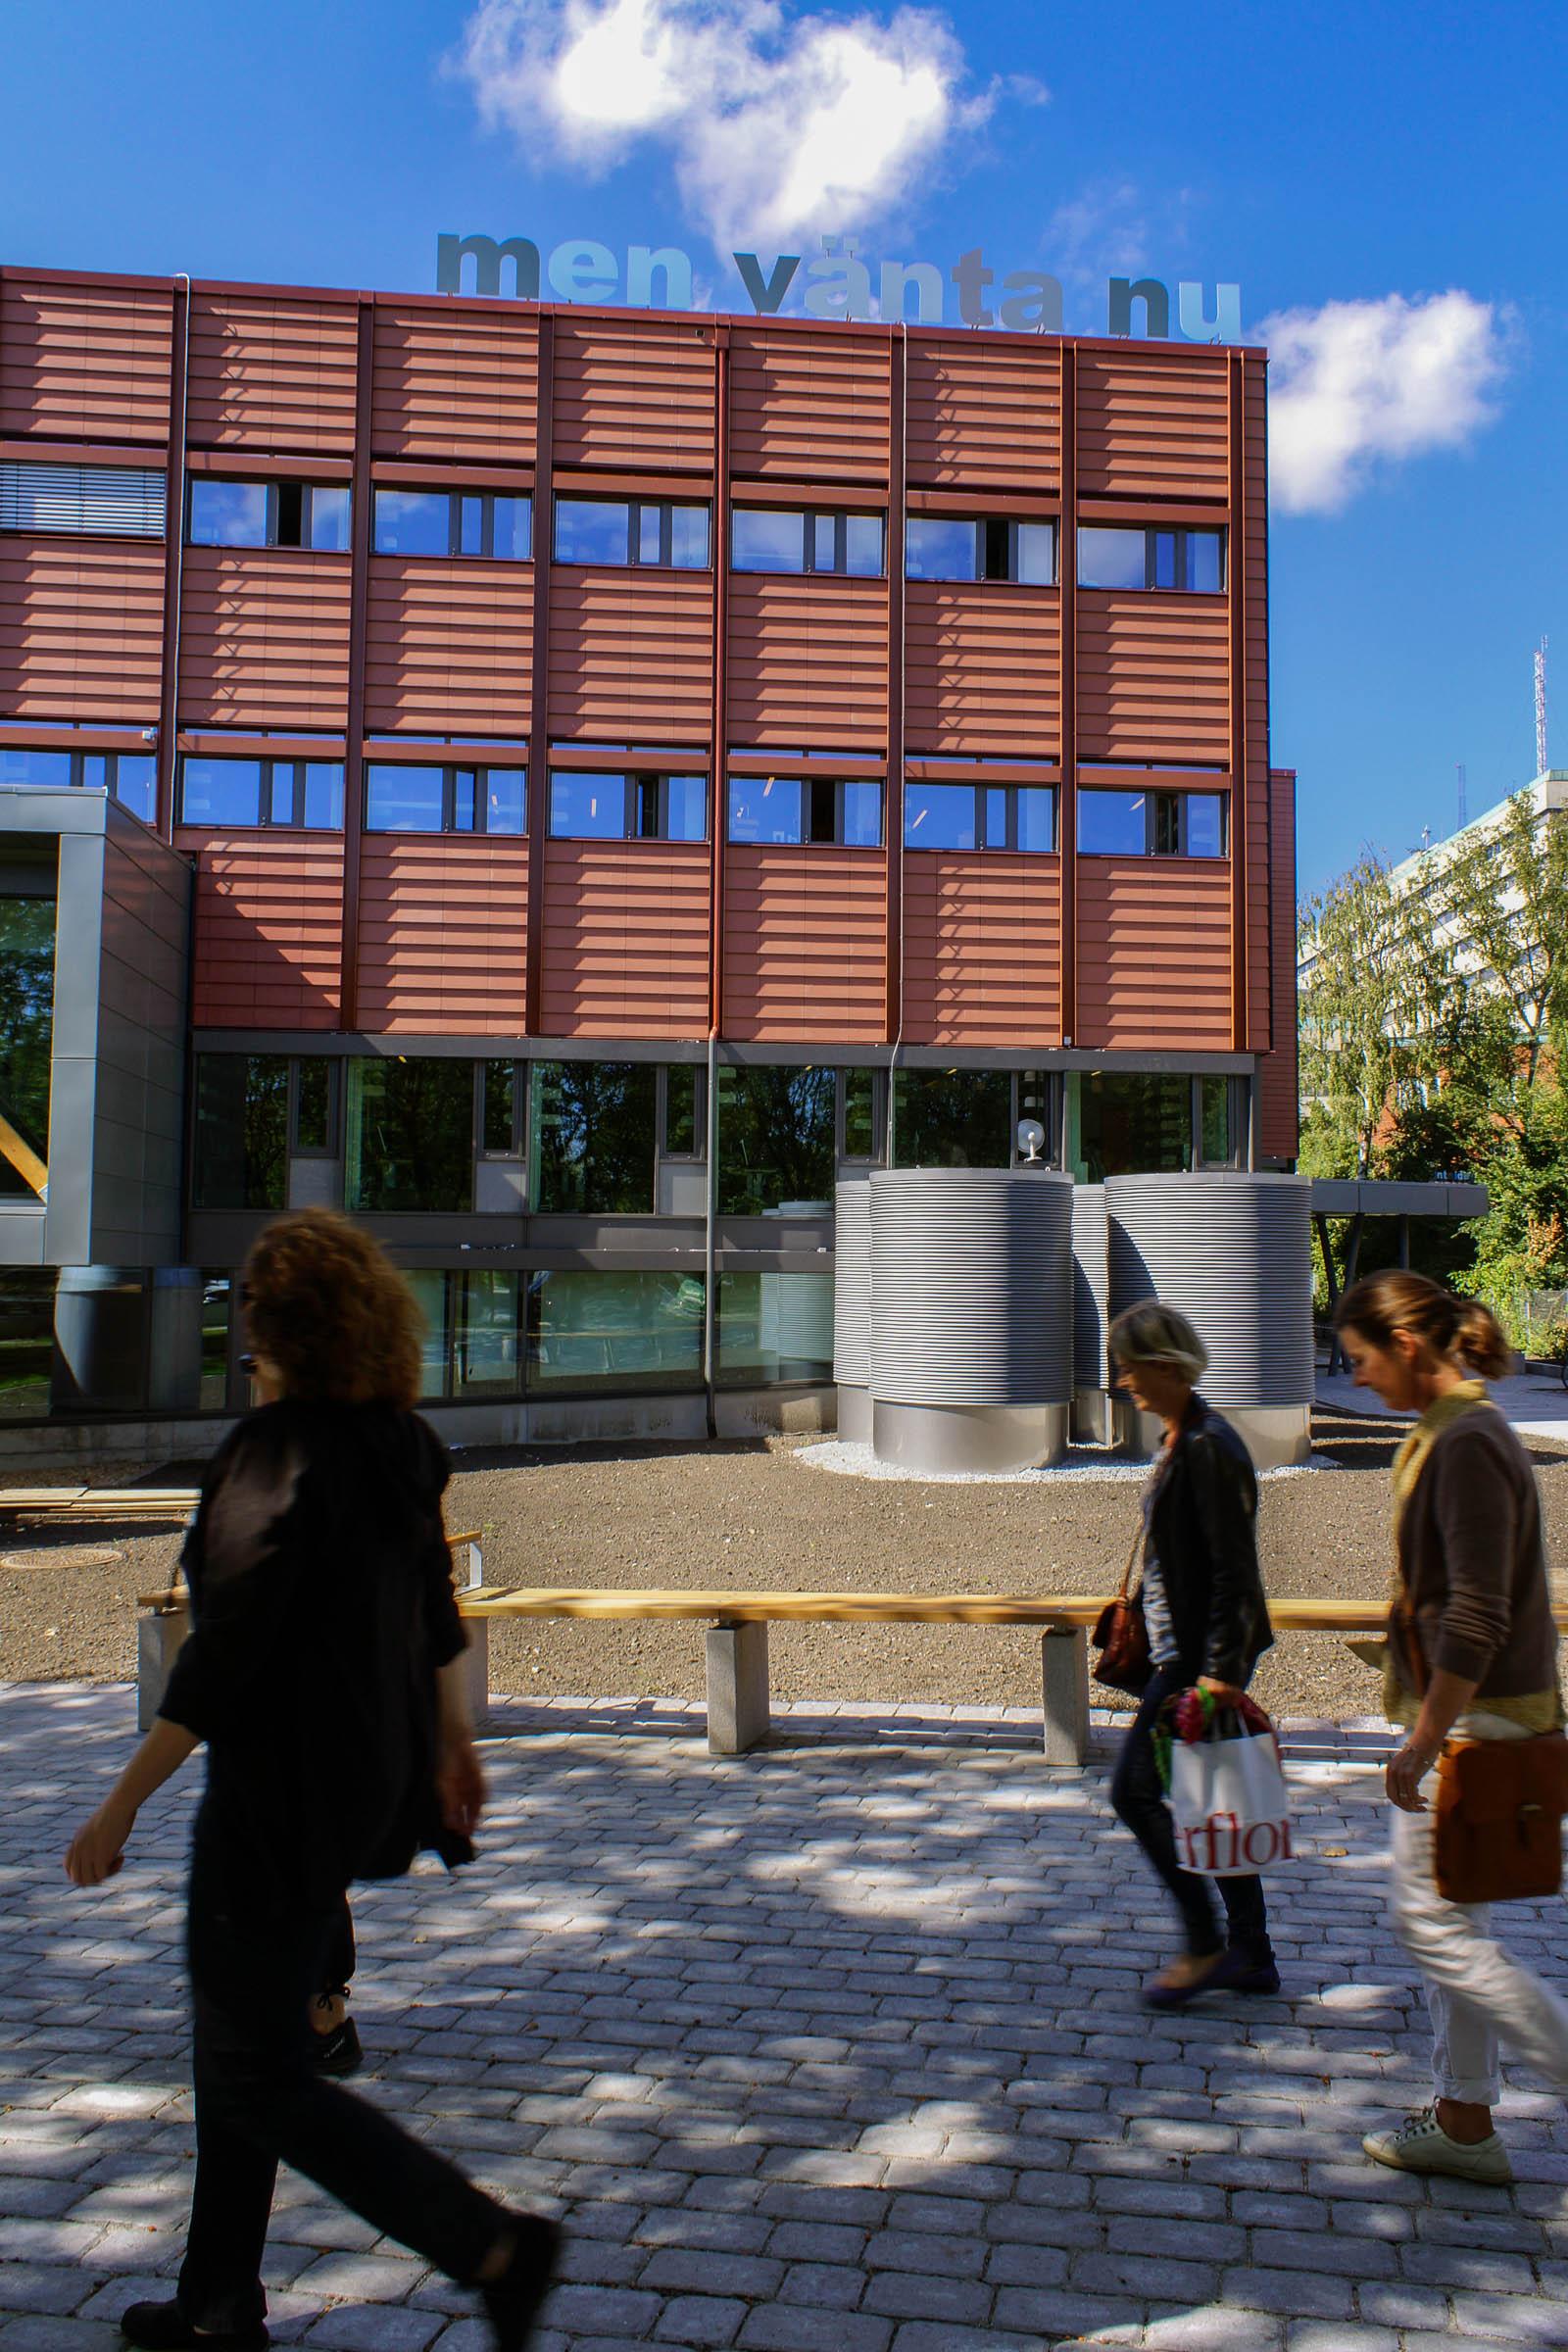 """Ett rött flervåningshus. På taket avtecknar sig mot himlen bokstäver i skiftande nyanser av blått: """"Men vänta nu"""". I förgrunden folk som går framför huset. Annika Ström, men vänta nu, 2014."""